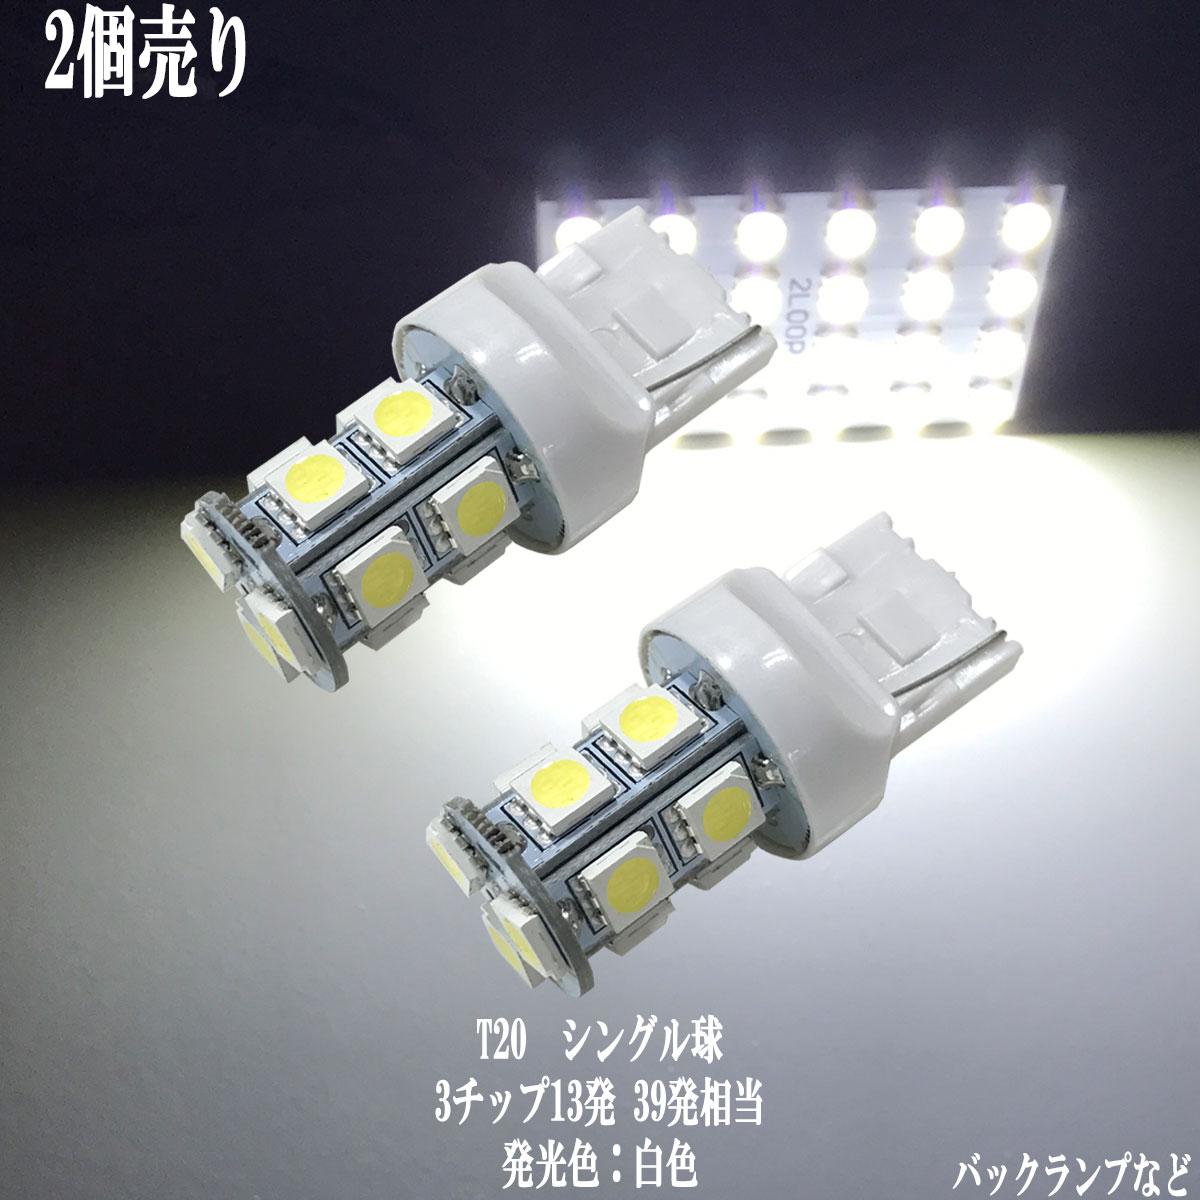 あす楽可 カスタム お値打ち価格で おすすめ特集 バックランプ 明るく 純正バルブを抜いて差し替えるだけ かっこいい まばゆい光 定番の 白 ホワイト 純白光 車検対応 2個セット 1年保証 あす楽可--ss シングル球 T20 led ウェッジ球 綺麗な光 13連 t20 LED 6000Kクラスの 3チップSMD